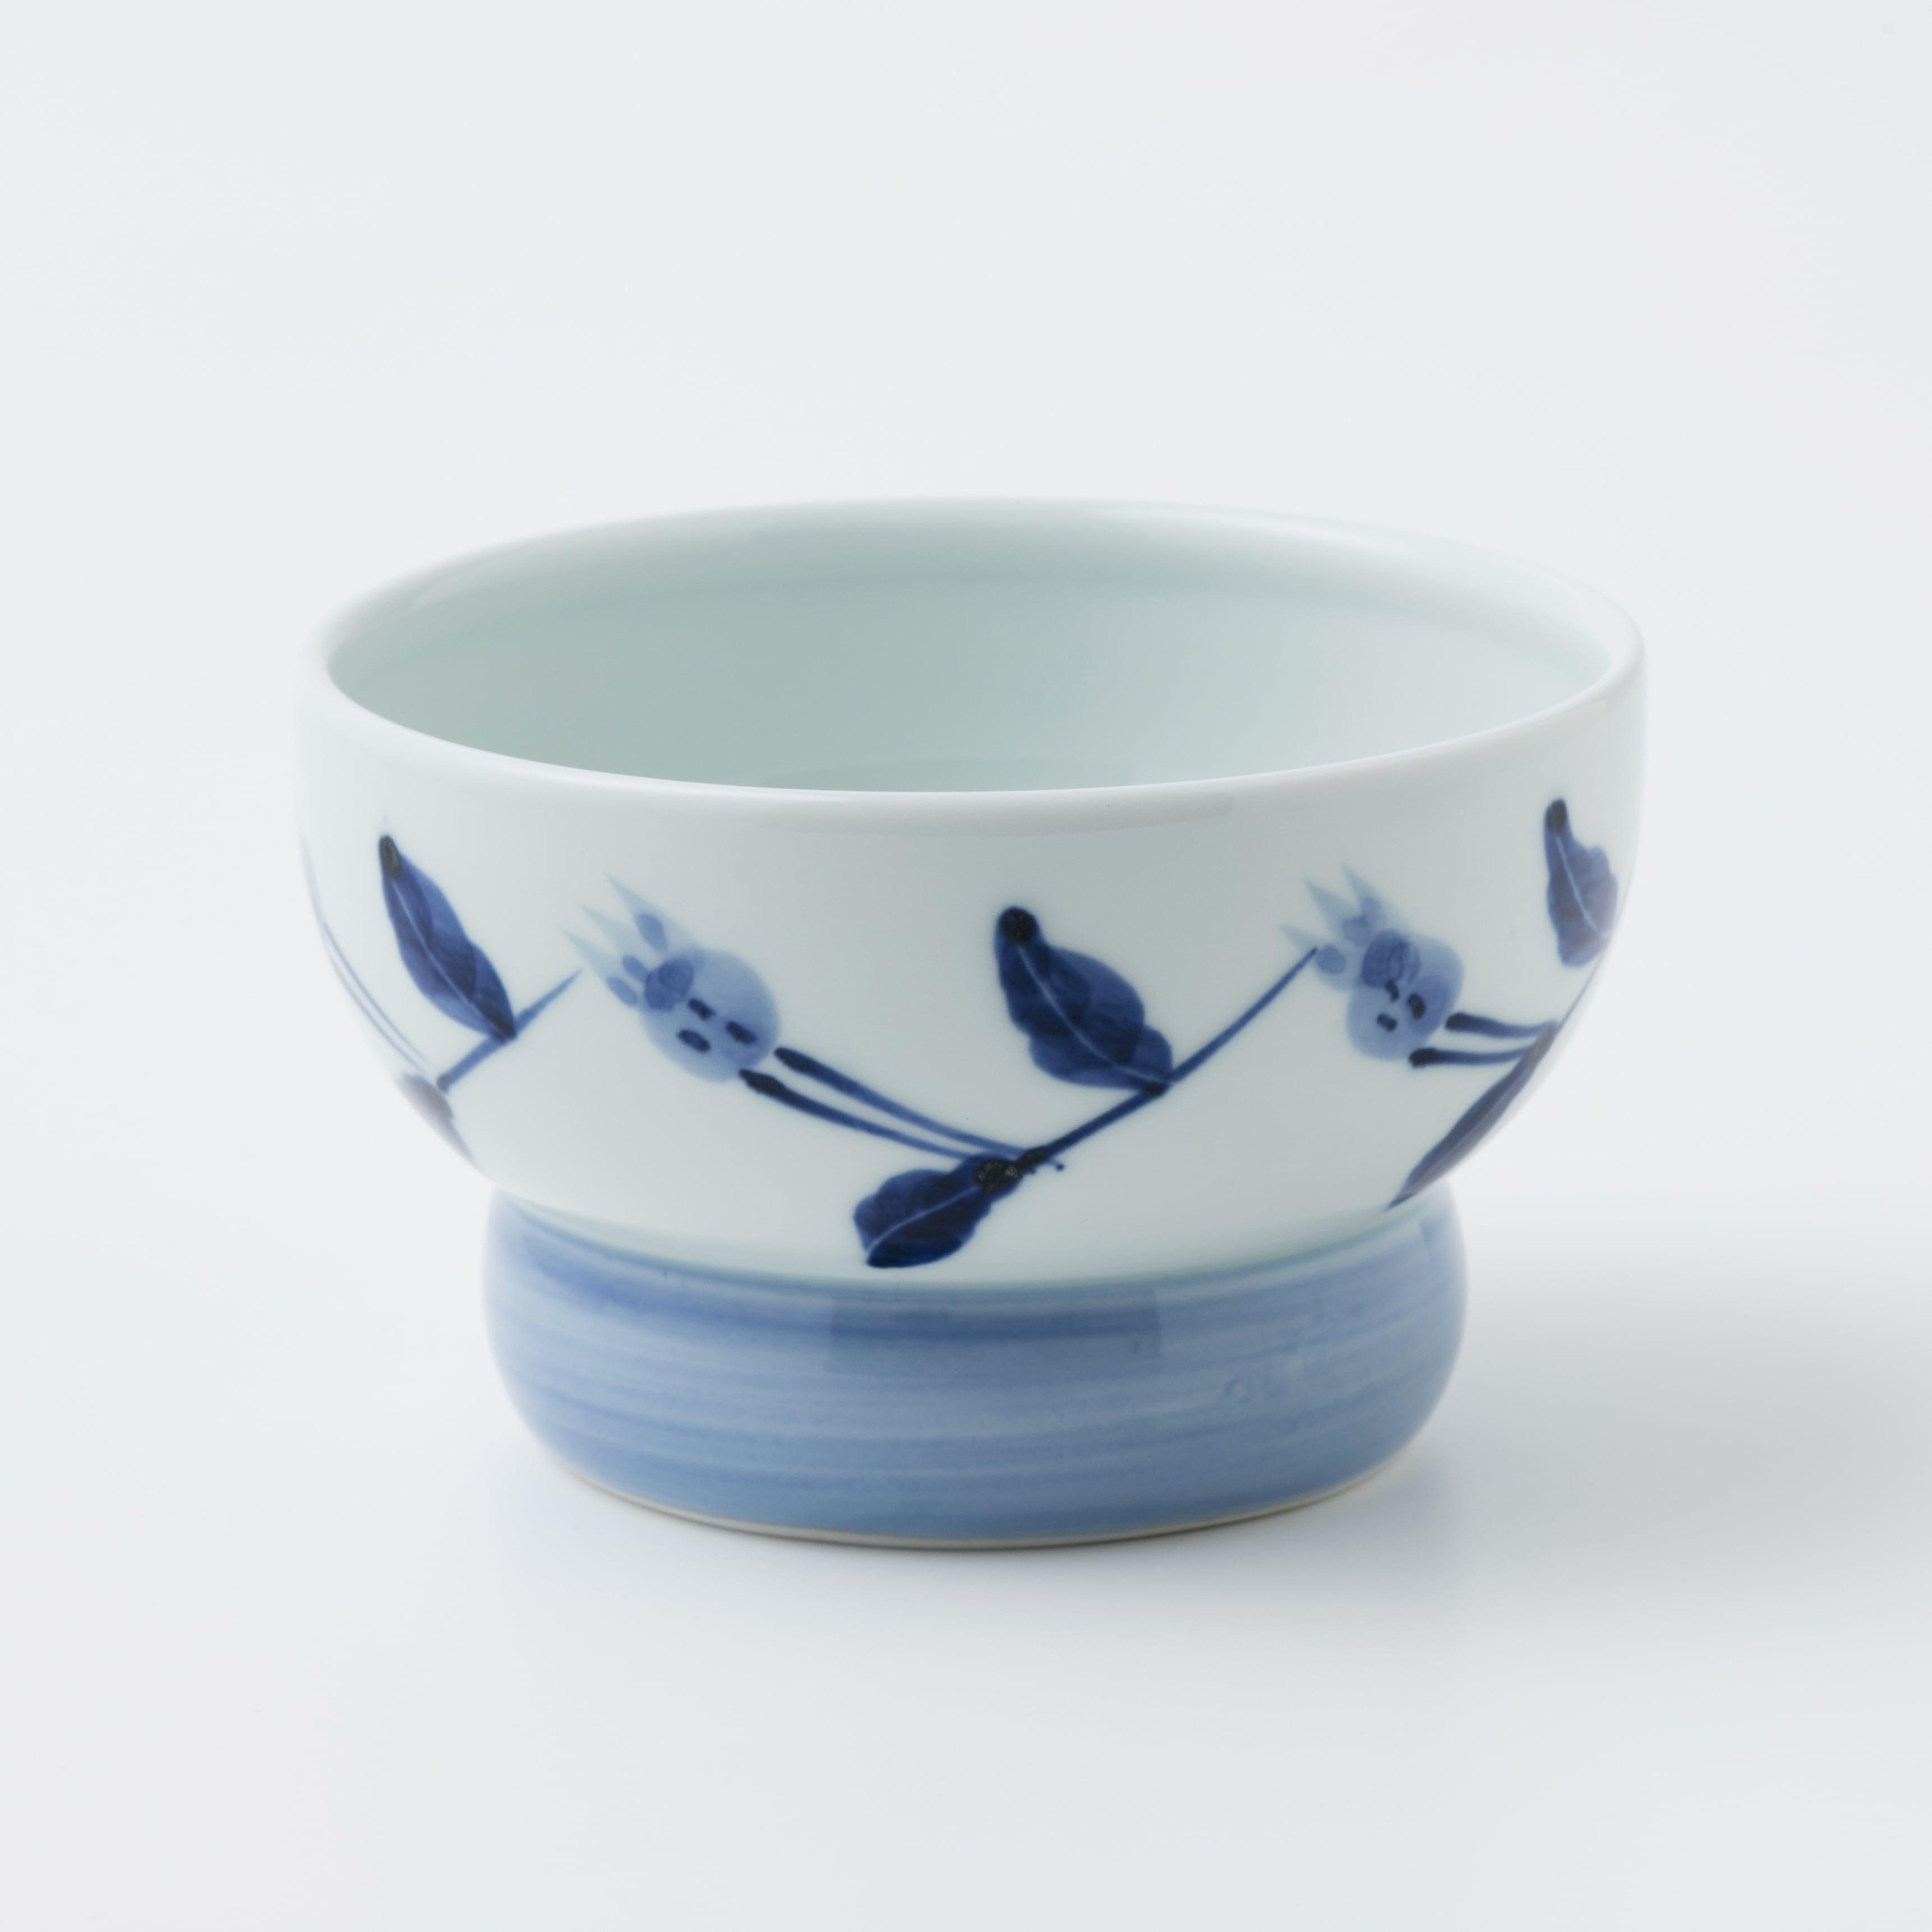 有田焼【まどか】 ロータイプ(水用) めぐり華 製造:江口製陶所